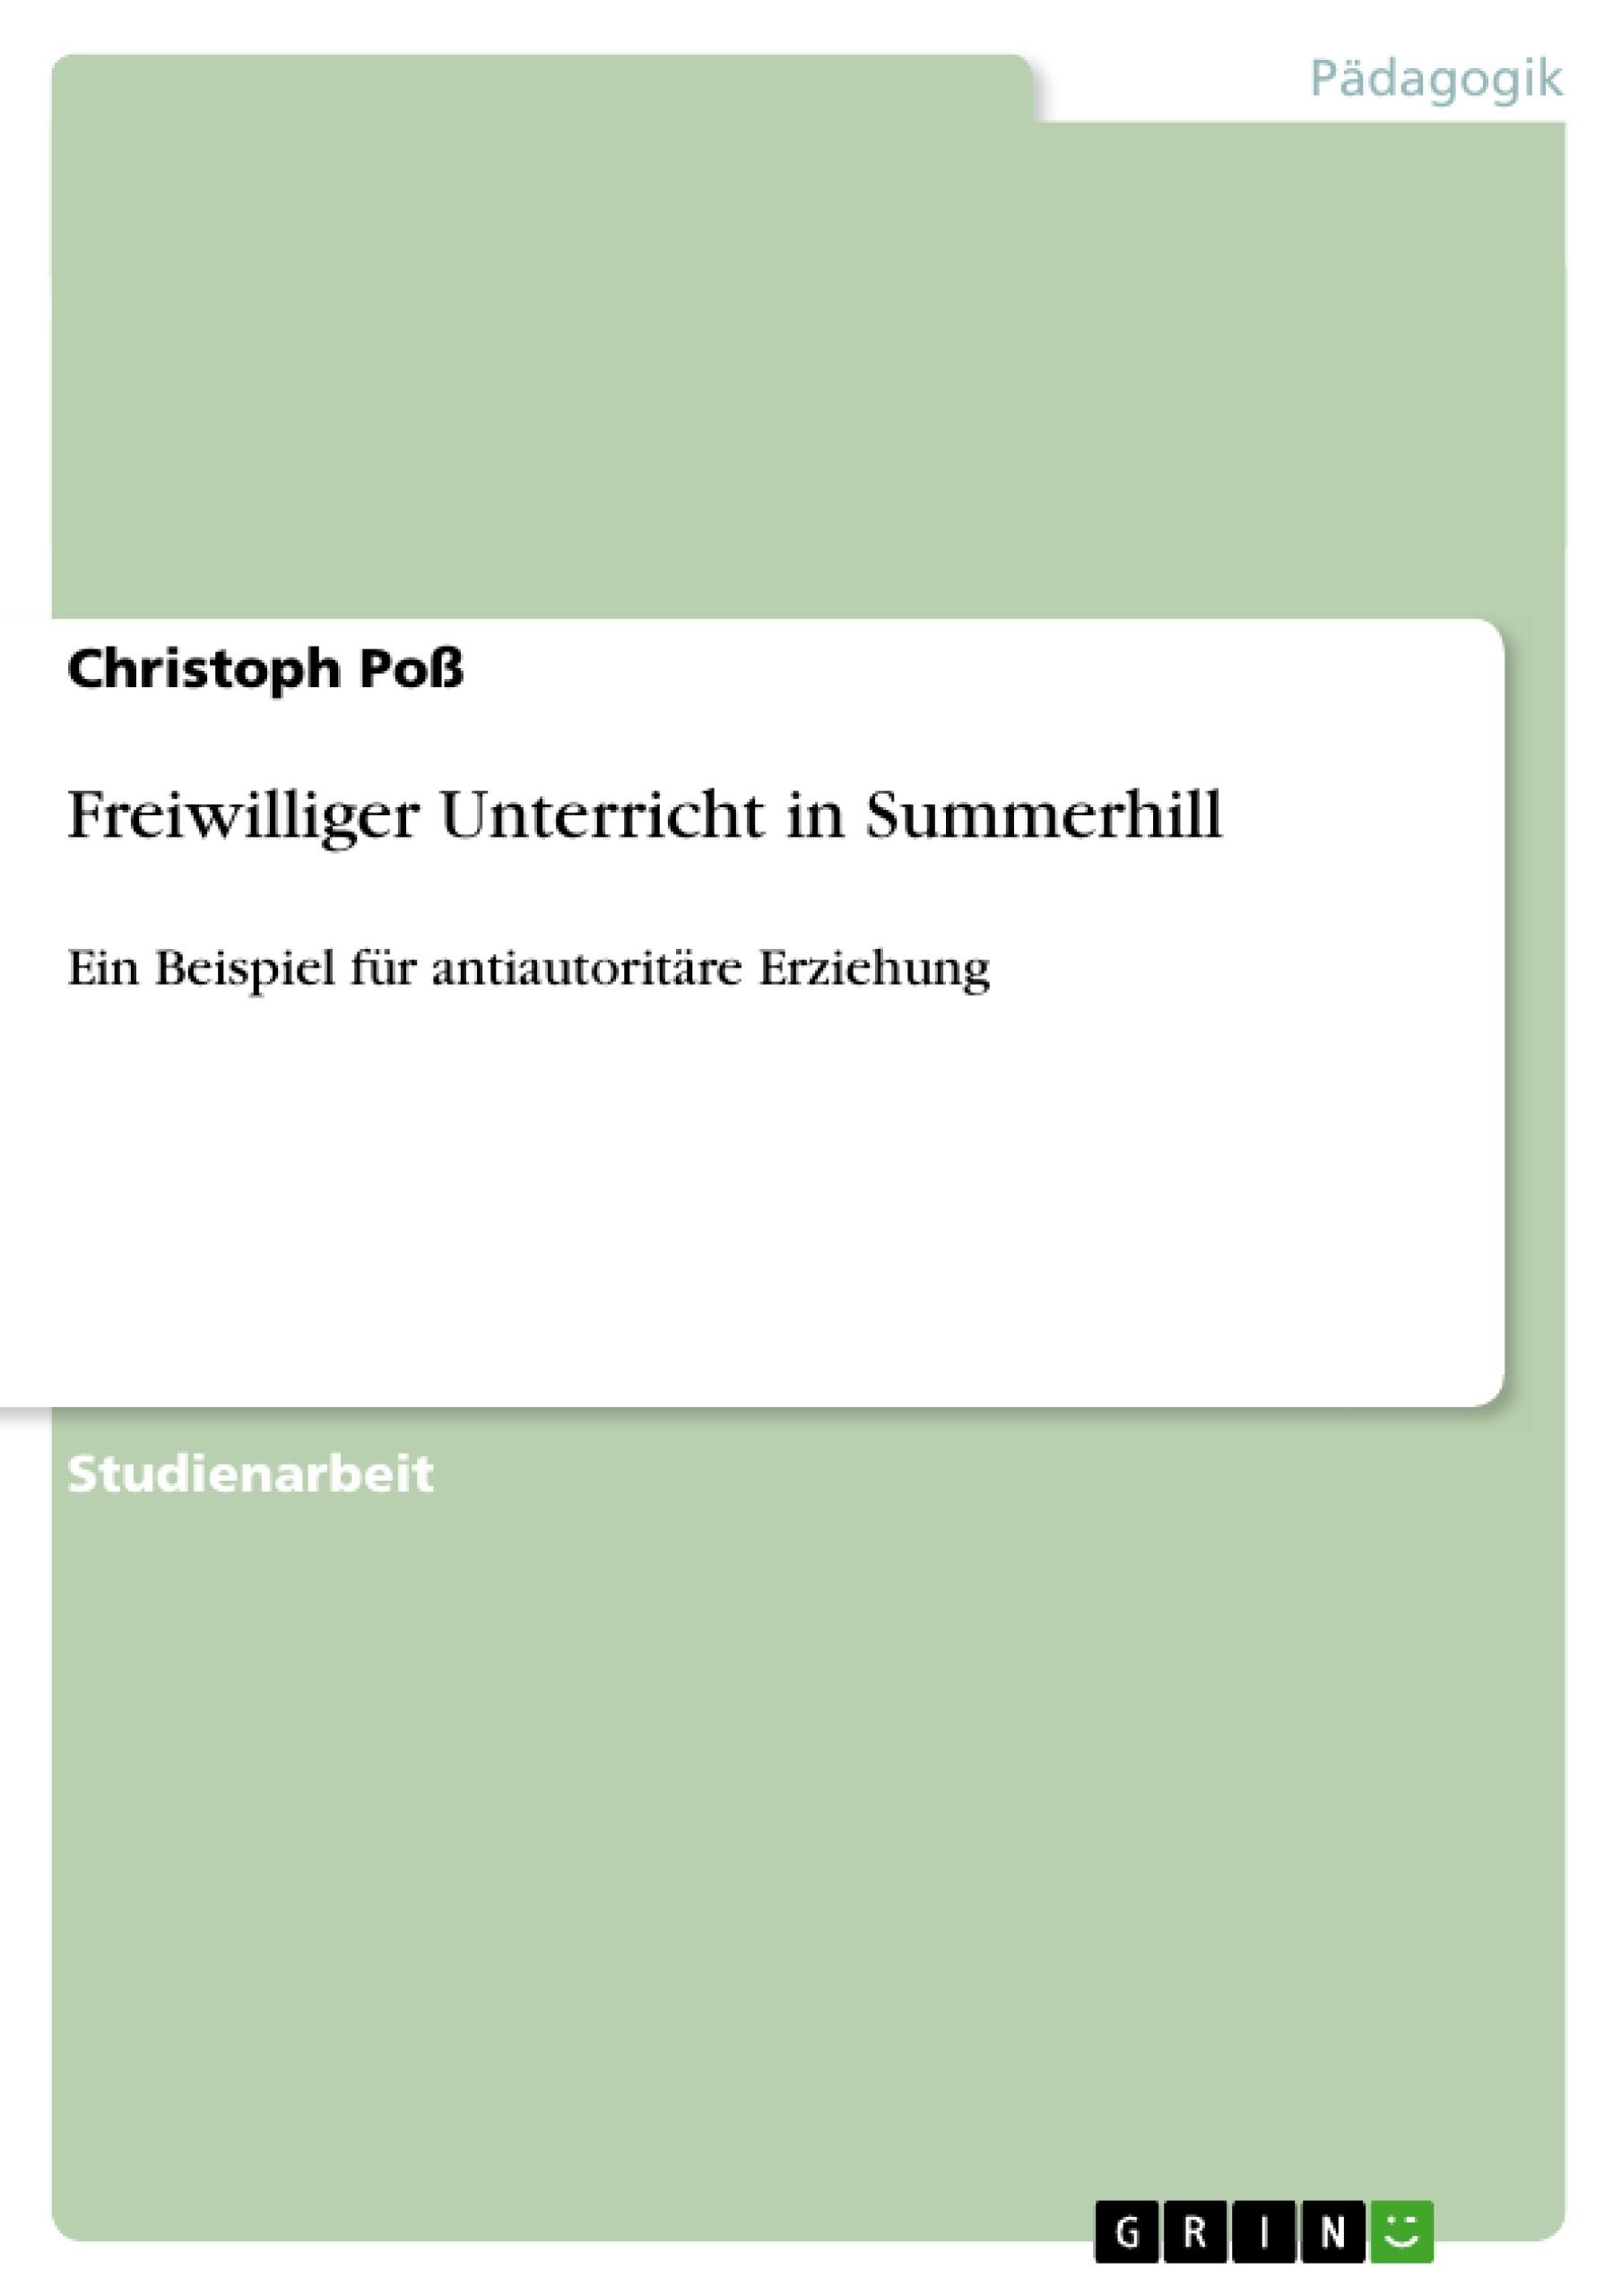 Titel: Freiwilliger Unterricht in Summerhill